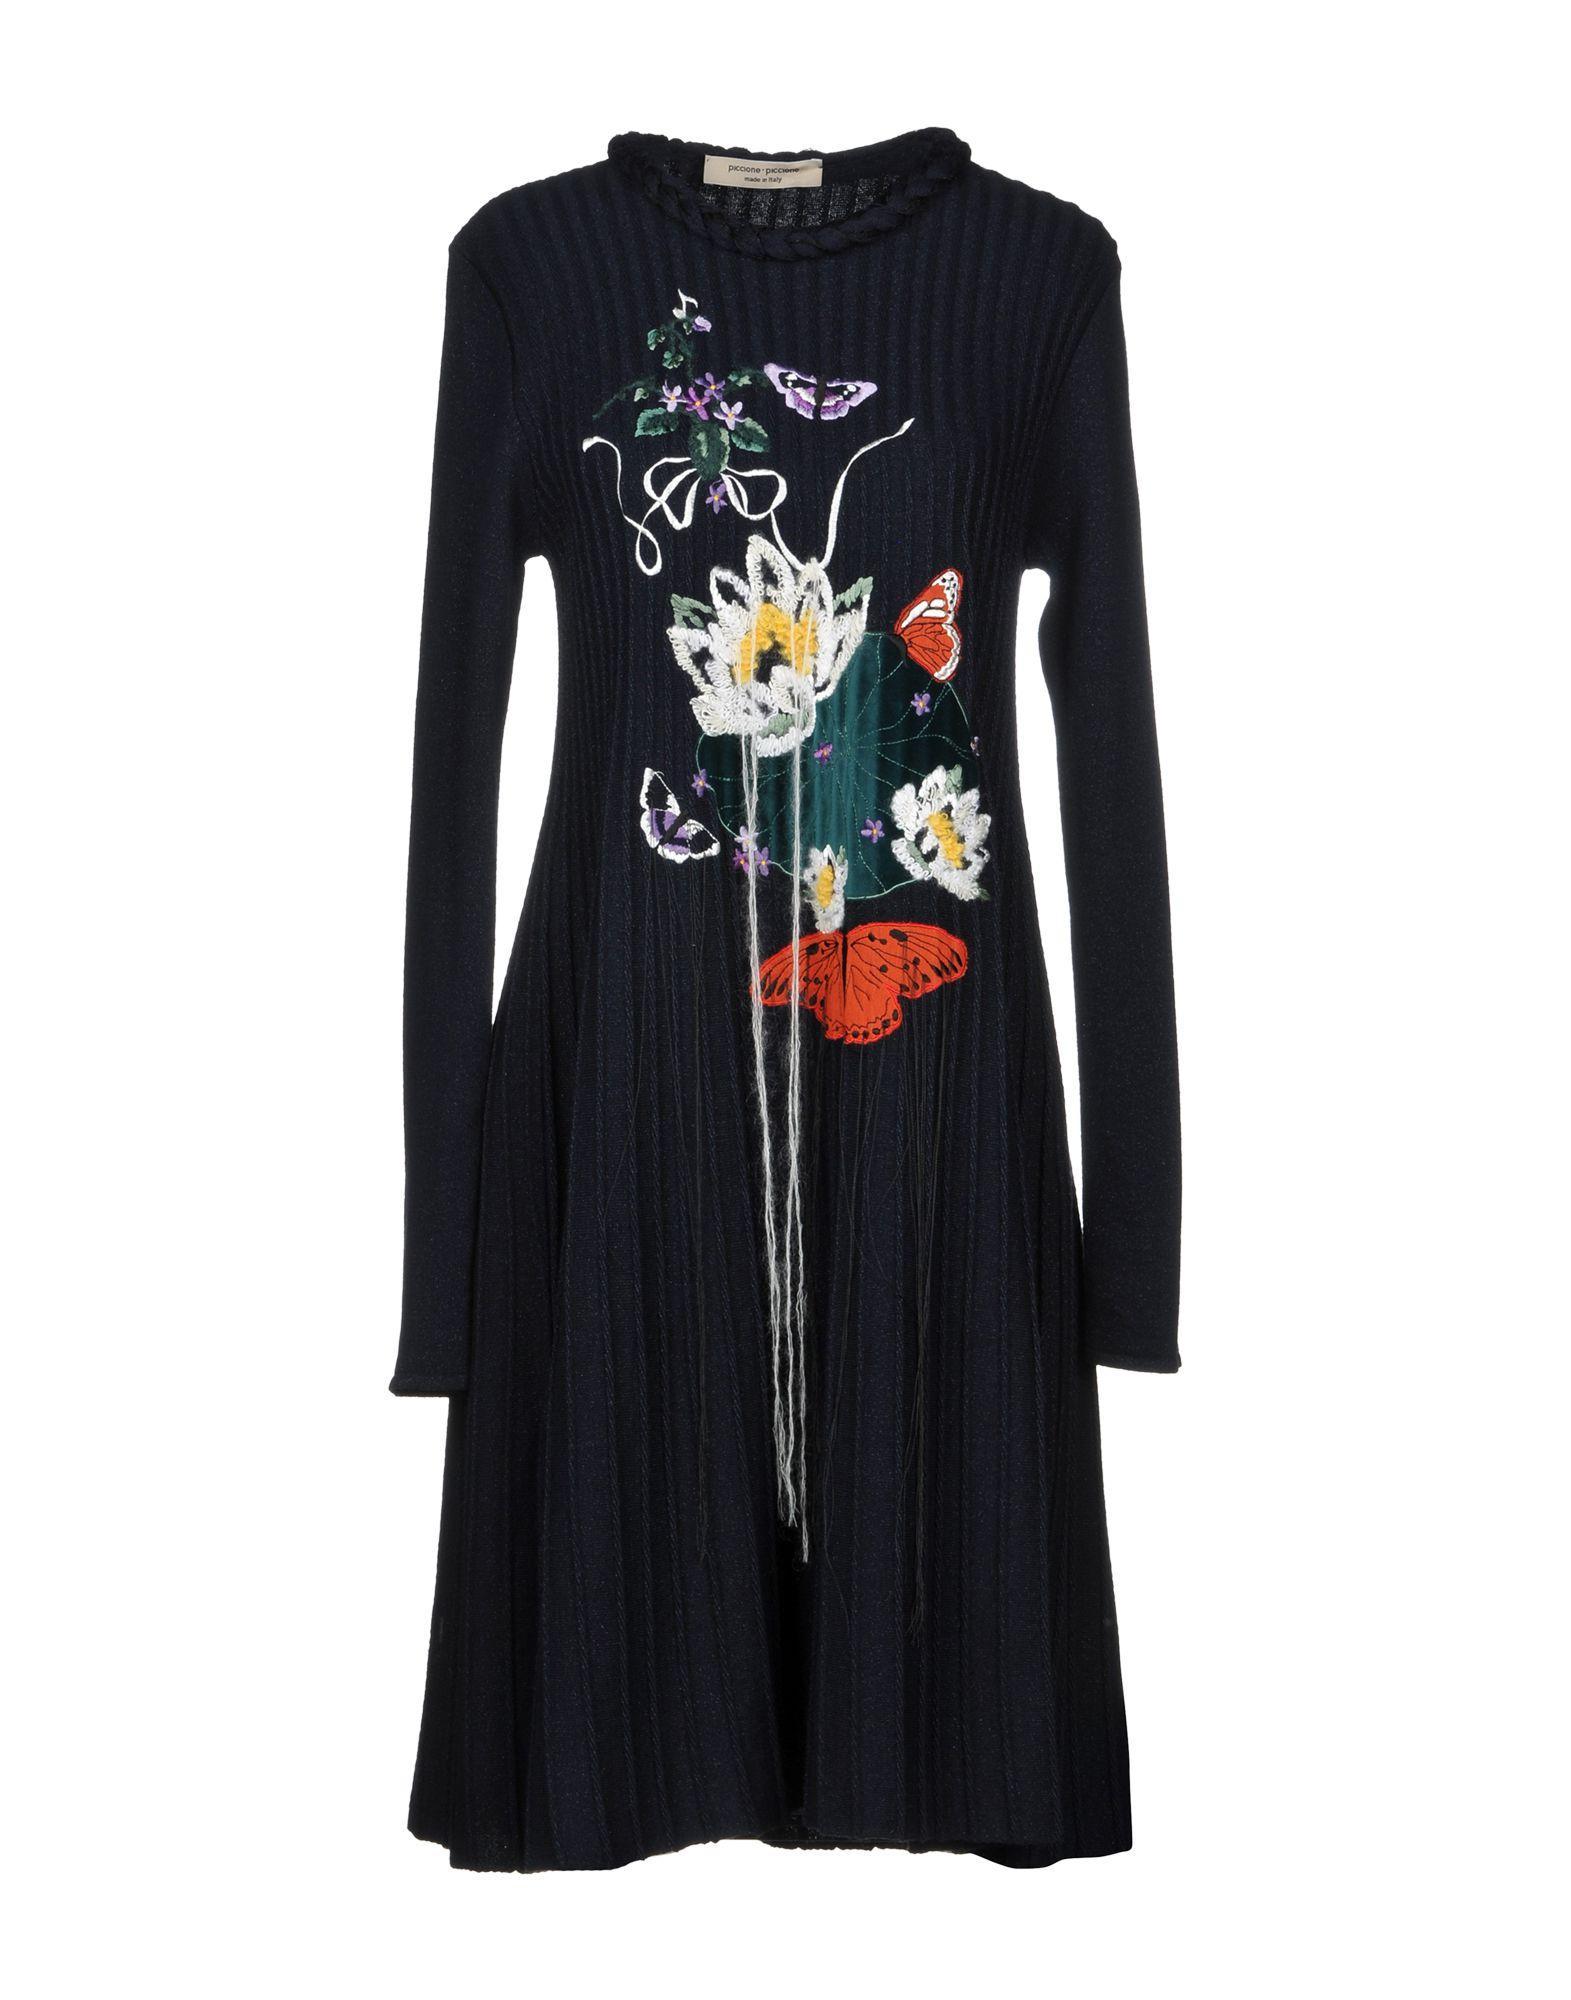 Piccione.piccione Knee-length Dress In Dark Blue